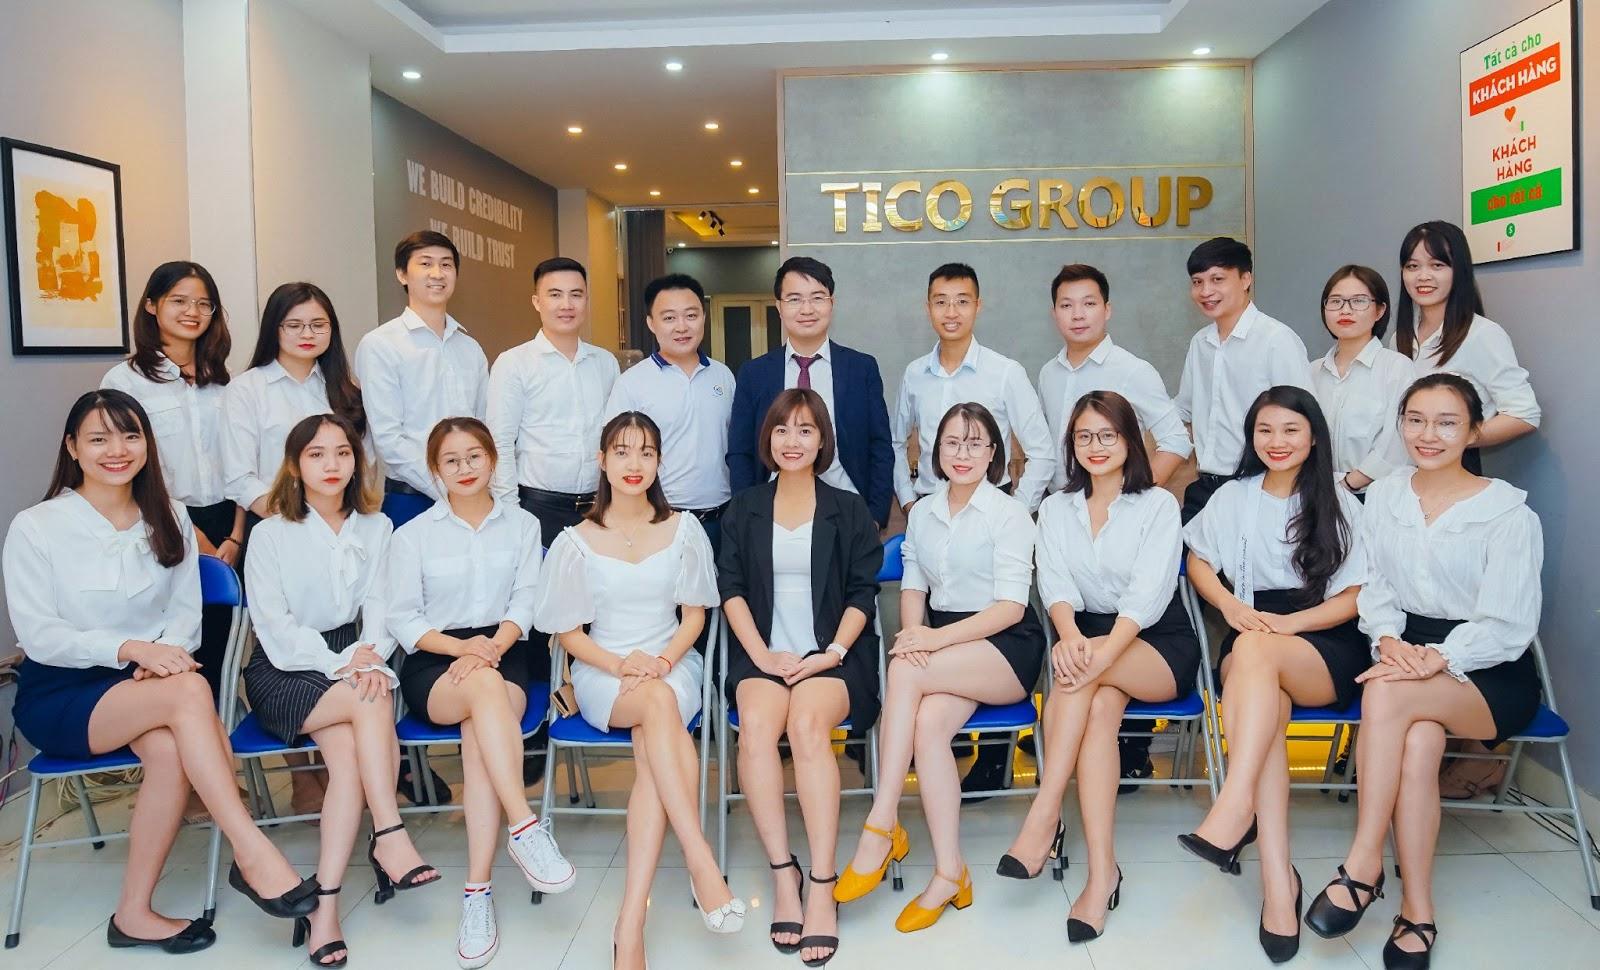 Tico Travel: Dịch vụ cho thuê biệt thự villa nghỉ dưỡng số 1 Việt Nam